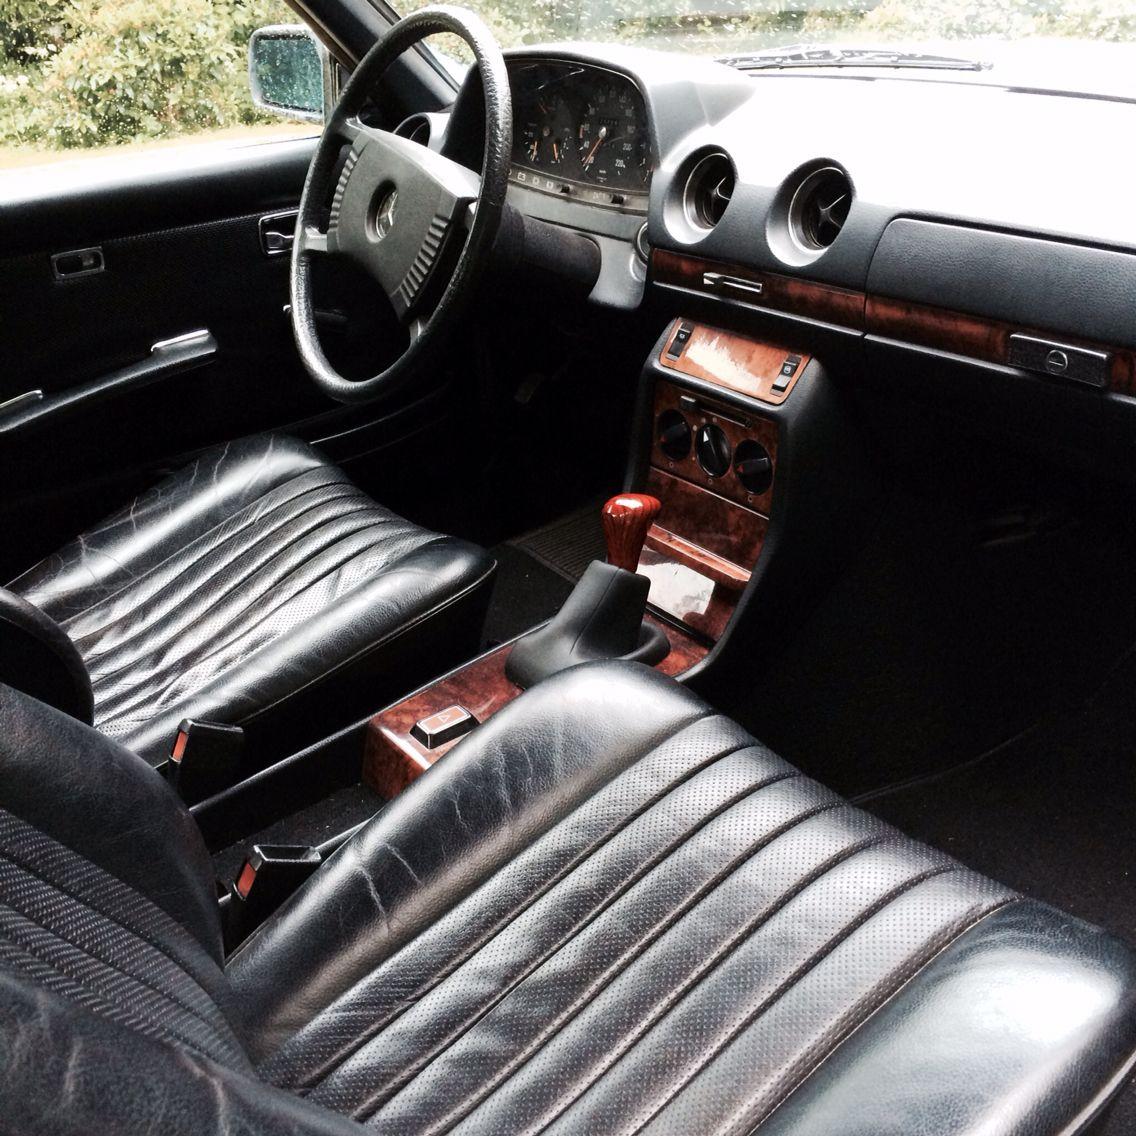 Mercedes w123 280 ce interior | W123 | Pinterest